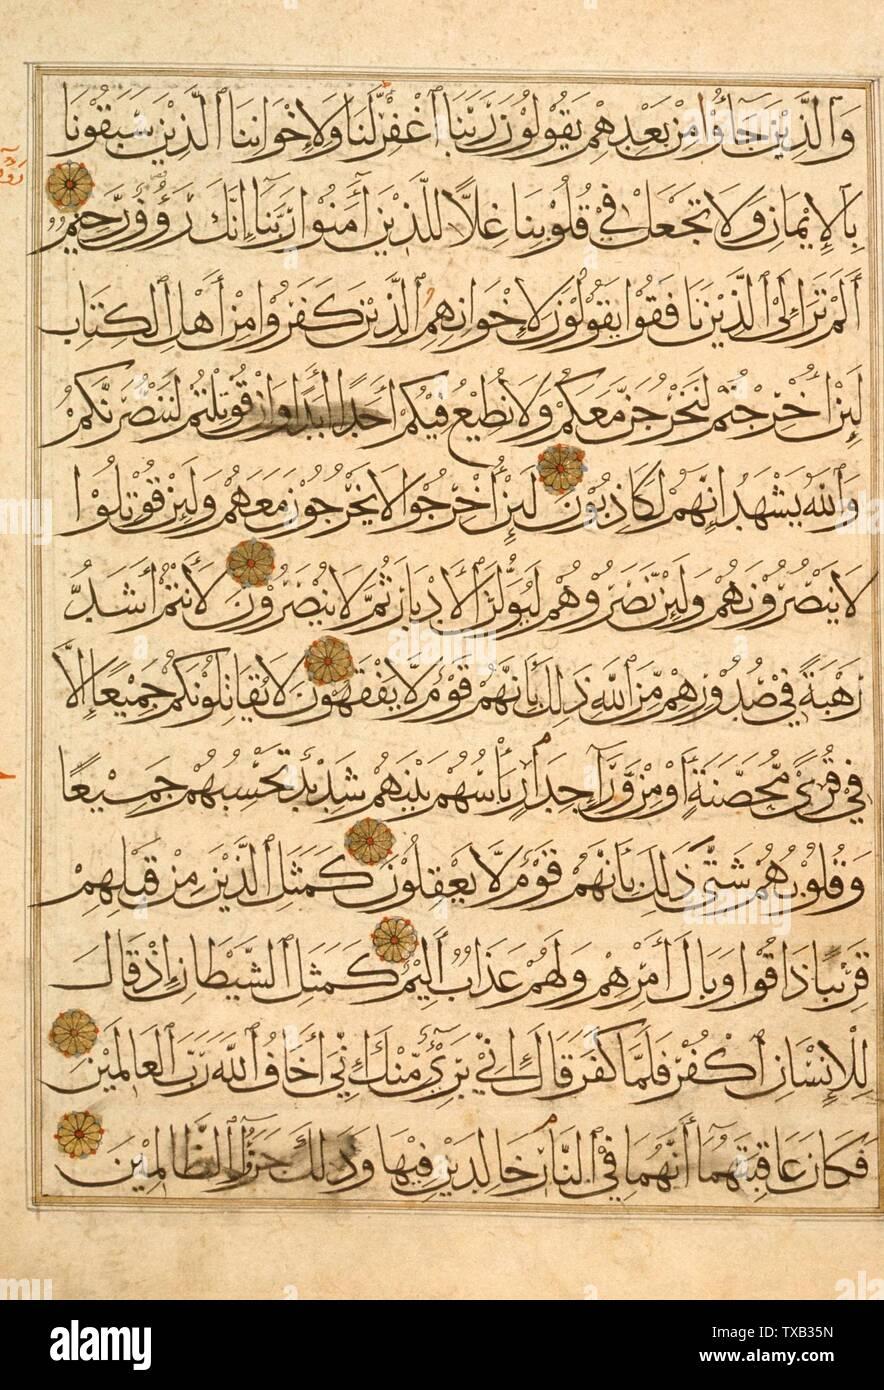 'Page d'un manuscrit du Qur'an (59:10-17; 59:18 à 60:sourate intitulé) (image 1 de 2); Anglais: l'Egypte, 14e siècle Encre, aquarelle opaque des manuscrits, et d'or sur papier cadeau de Marion Hammer en mémoire de Nat Marteau (M.83.249); l'Art Islamique date du 14ème siècle QS:P571,+1350-00-00T00:00:00Z/7; ' Photo Stock